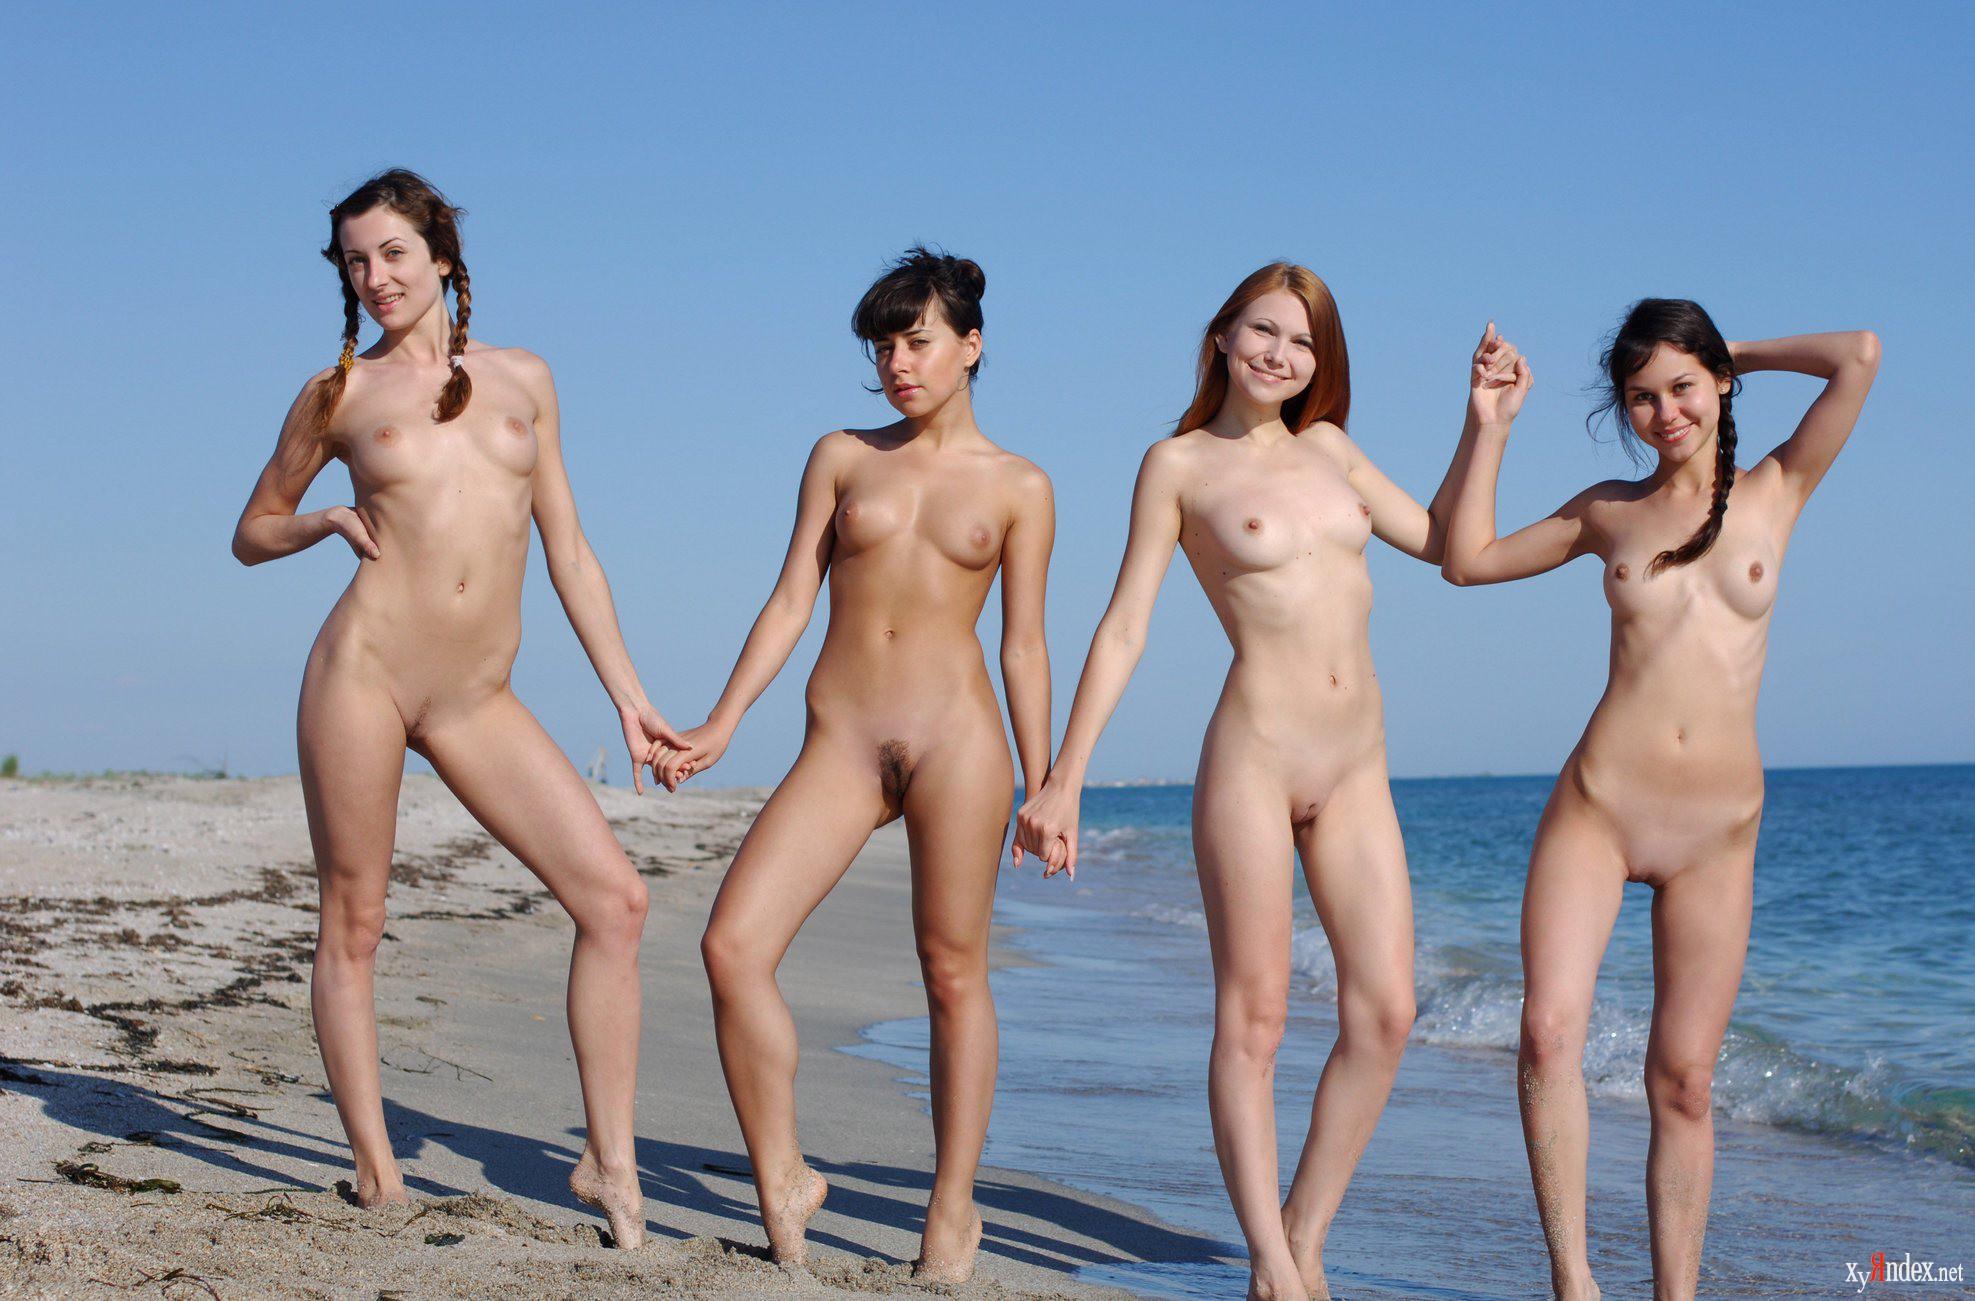 Lsg models erotic nude site review